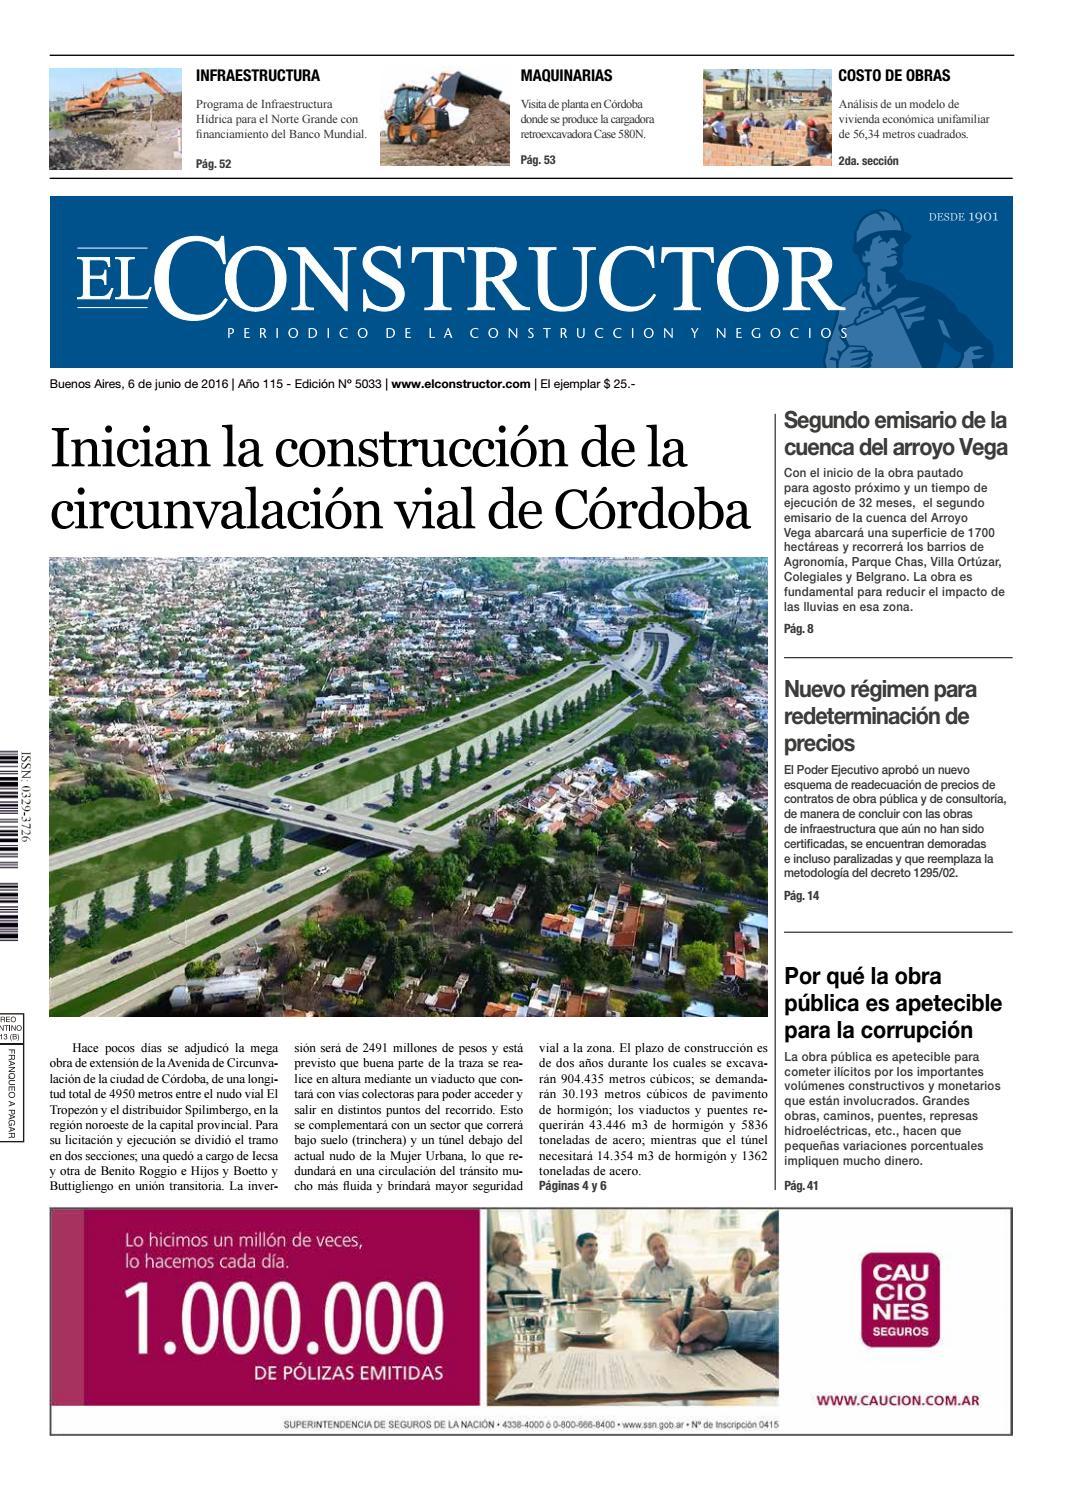 El Constructor 06/06/2016 - N° 5033 Año 115 by ELCO Editores - issuu